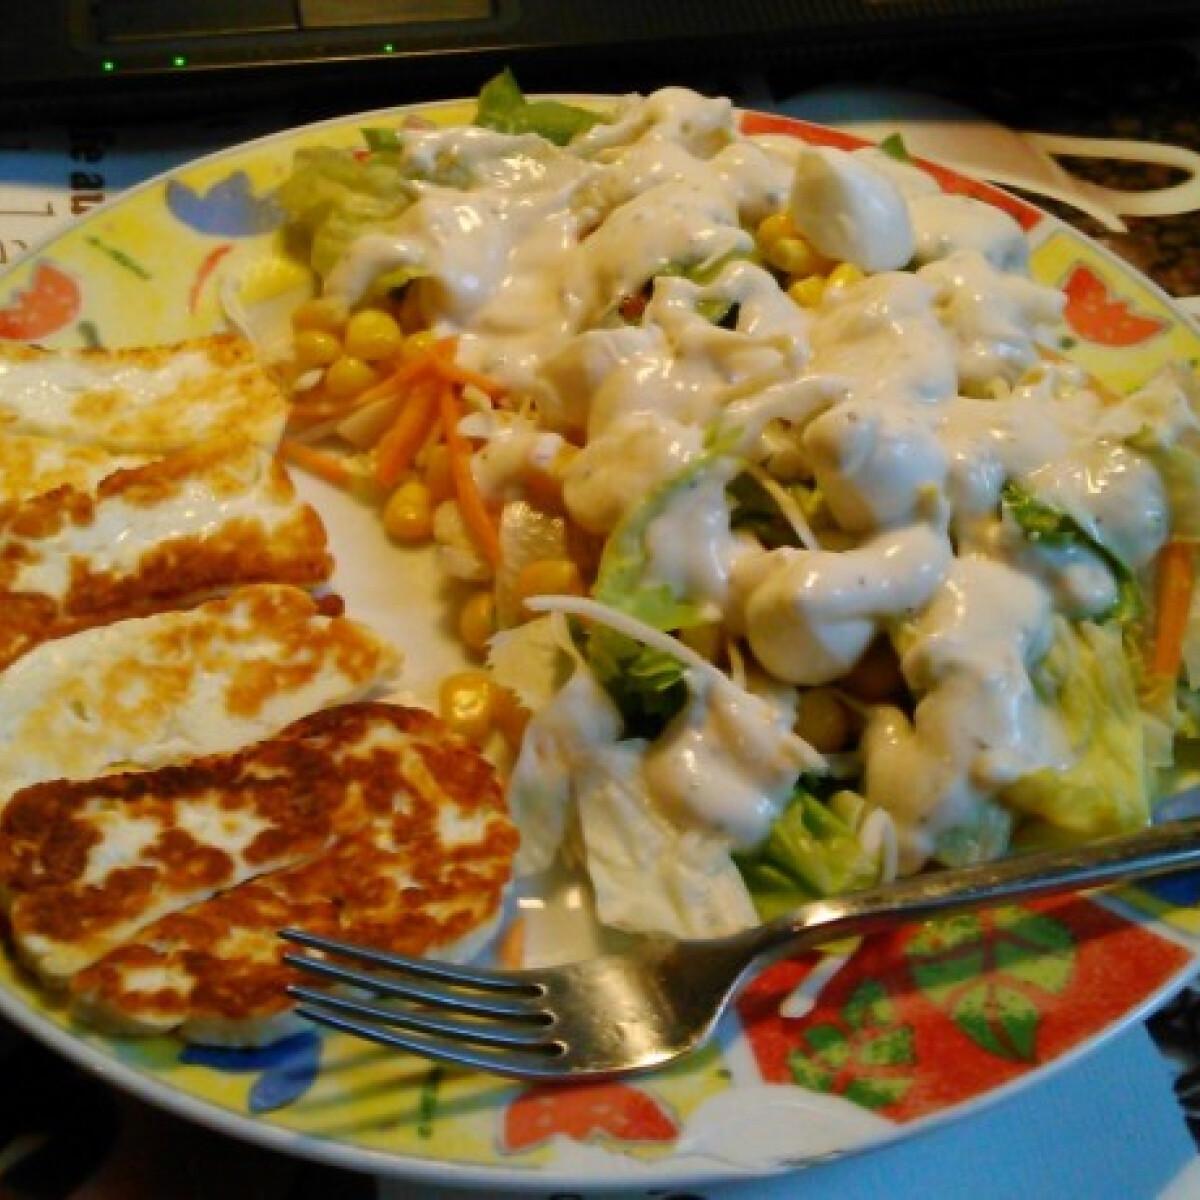 Ezen a képen: Grillezett sajt salátával